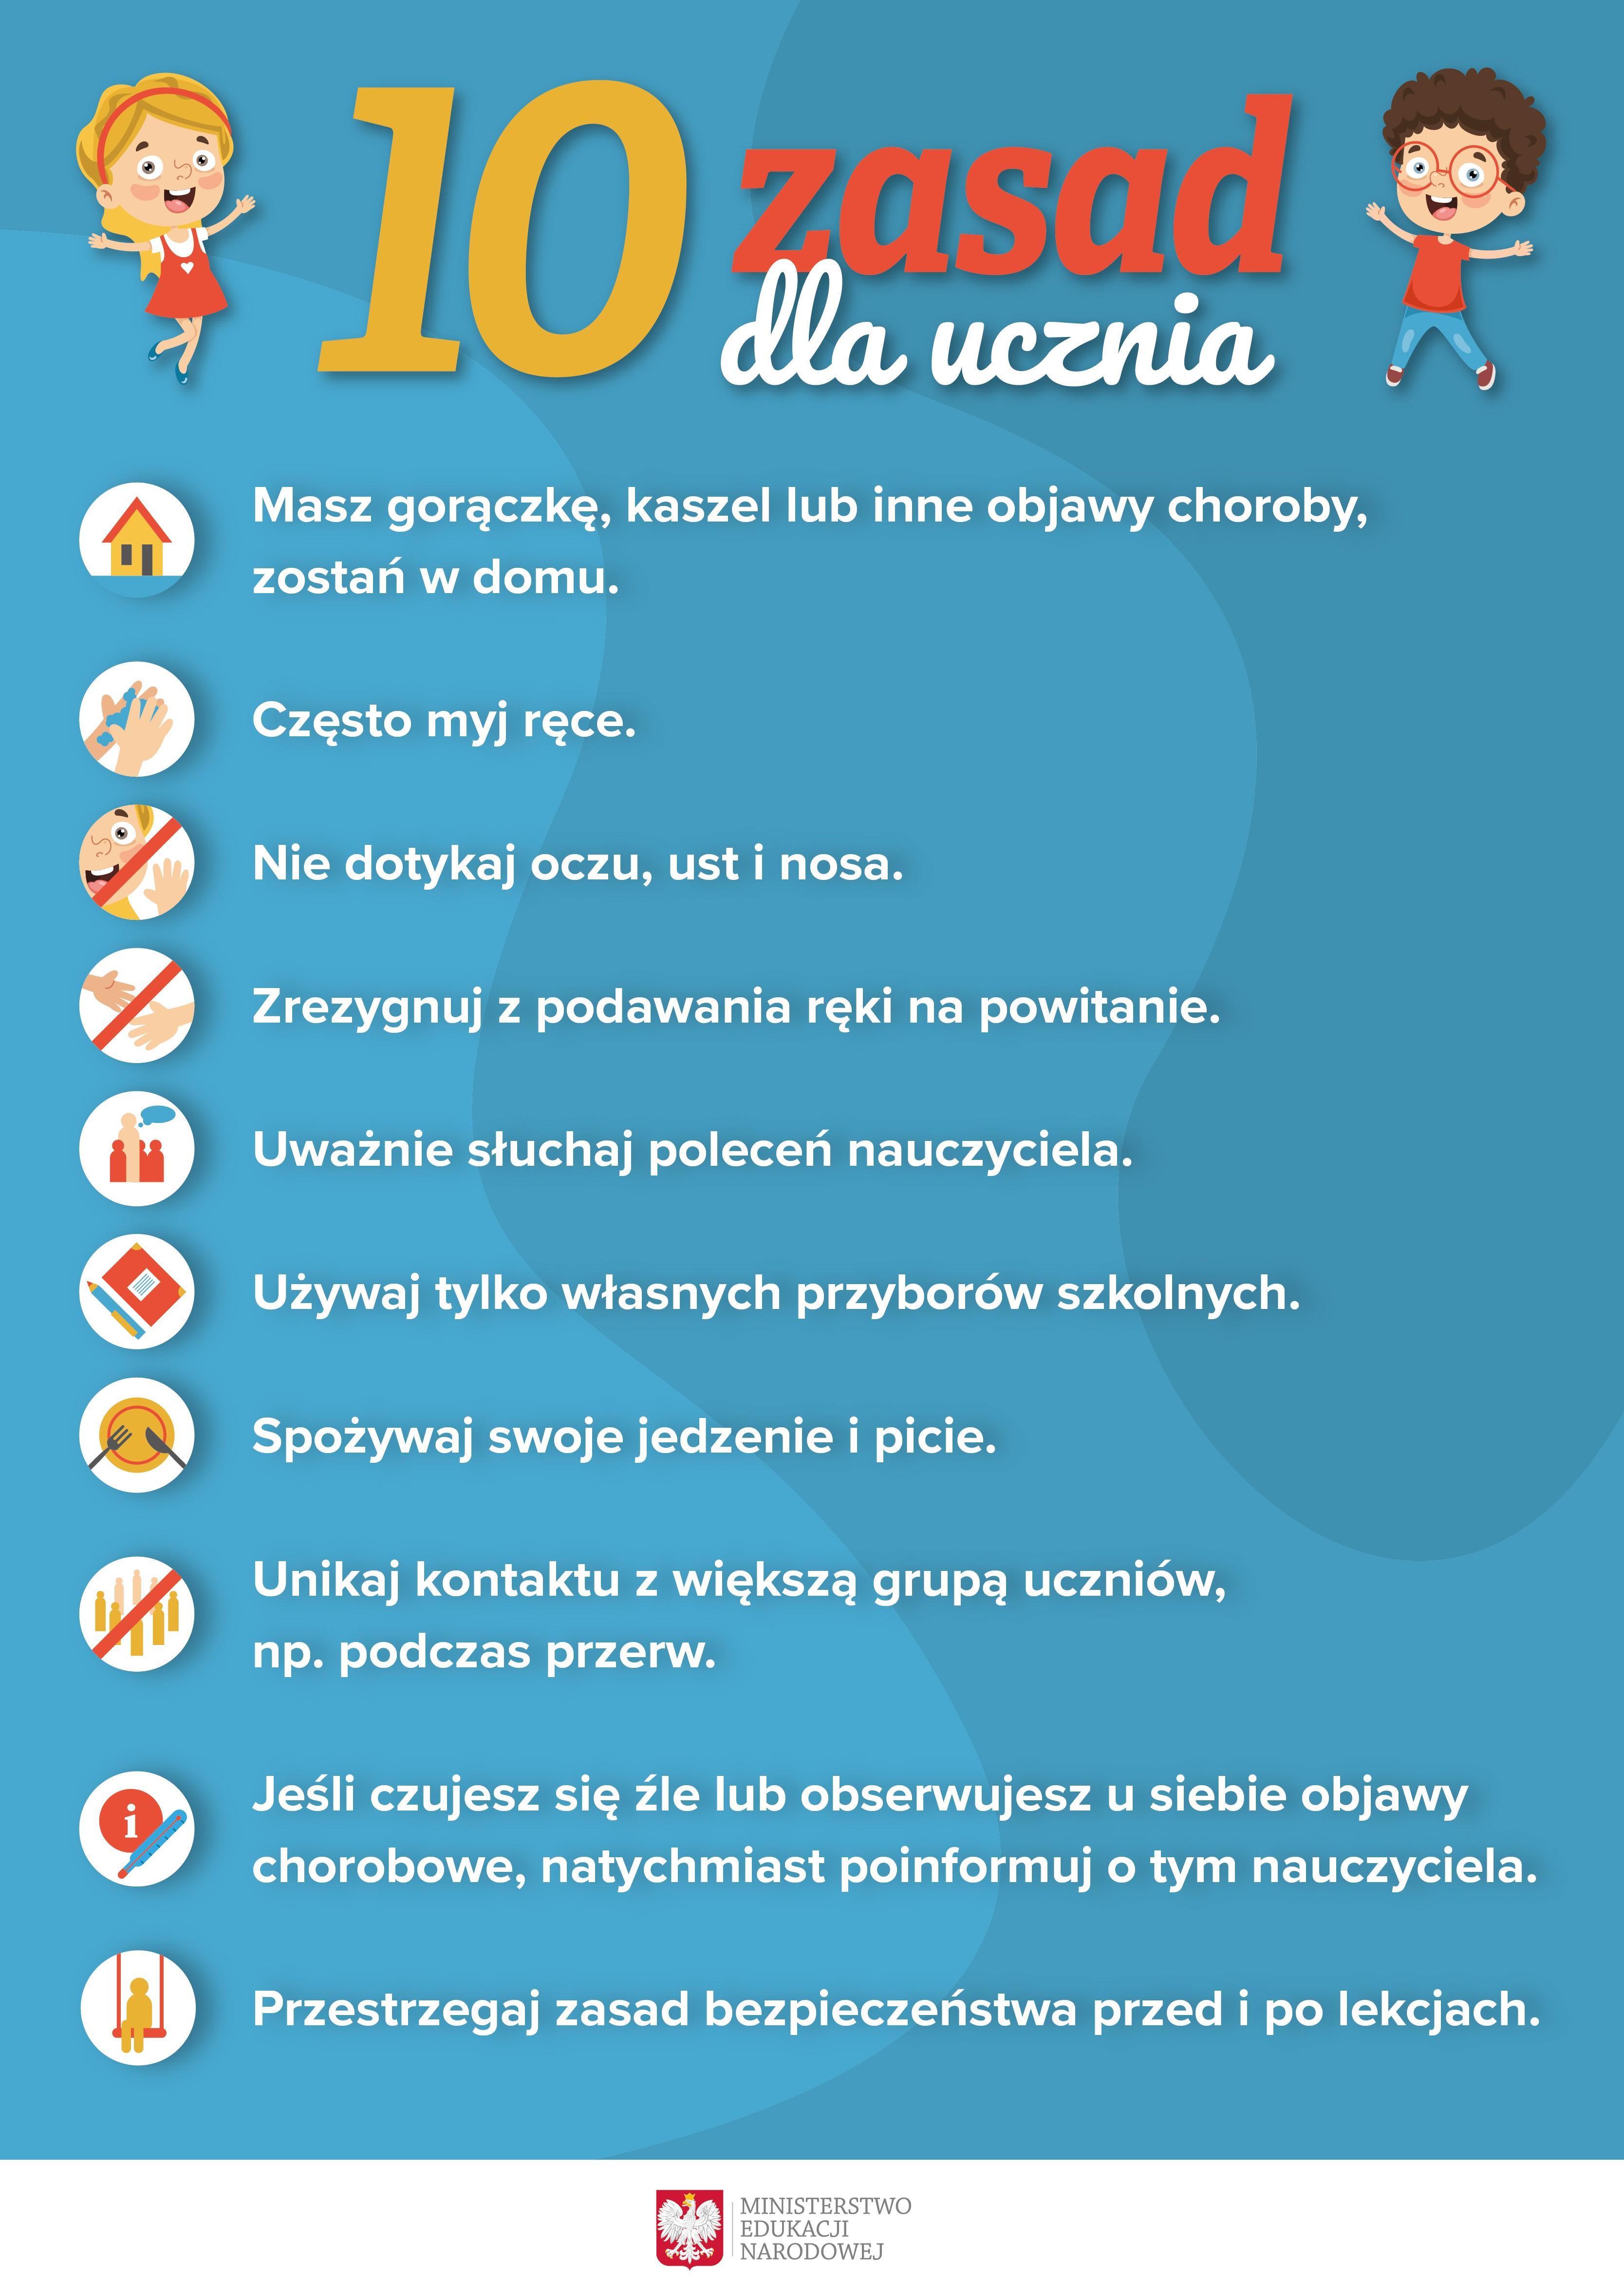 grafika - 10 zasad dla ucznia